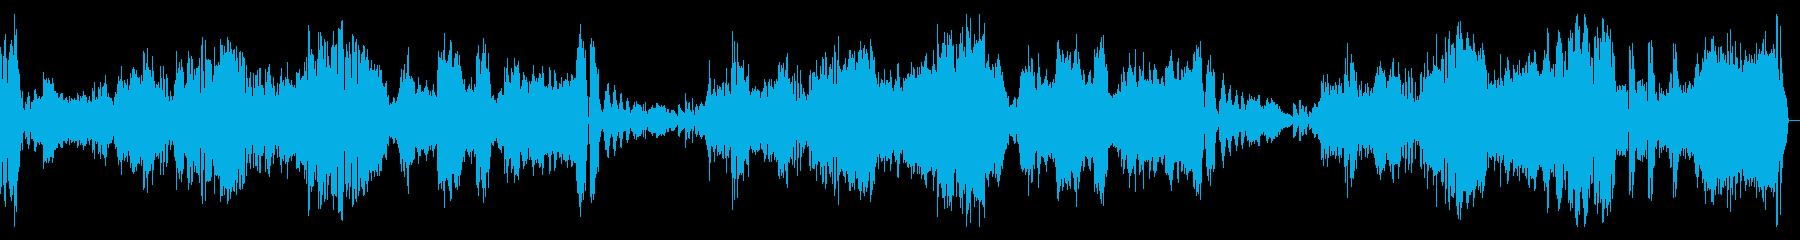 熱情 第三楽章 ベートーヴェンの再生済みの波形